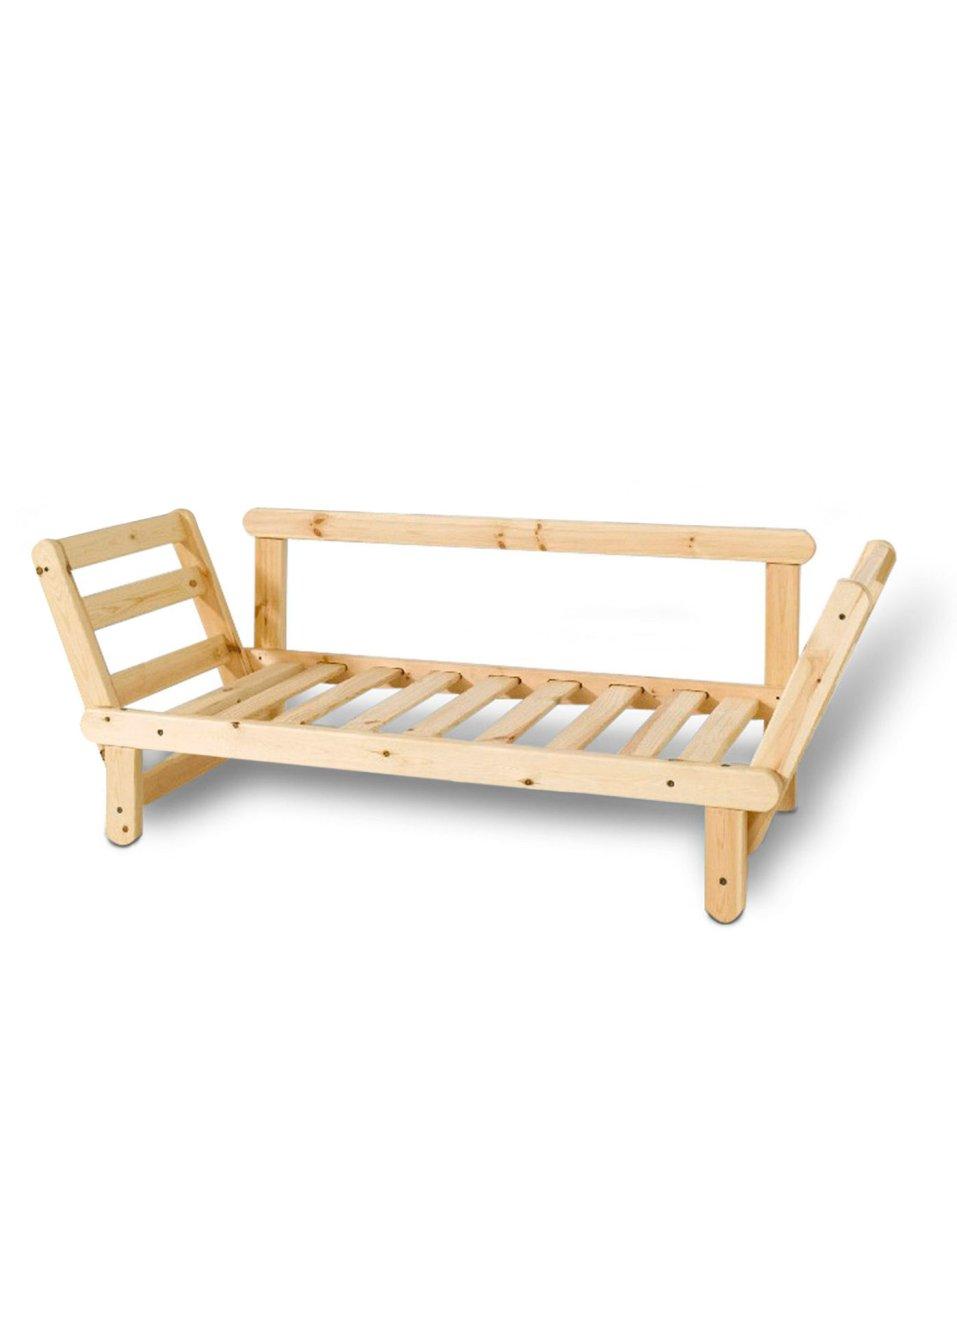 cadre de canap lit futon naturel maison bpc living. Black Bedroom Furniture Sets. Home Design Ideas